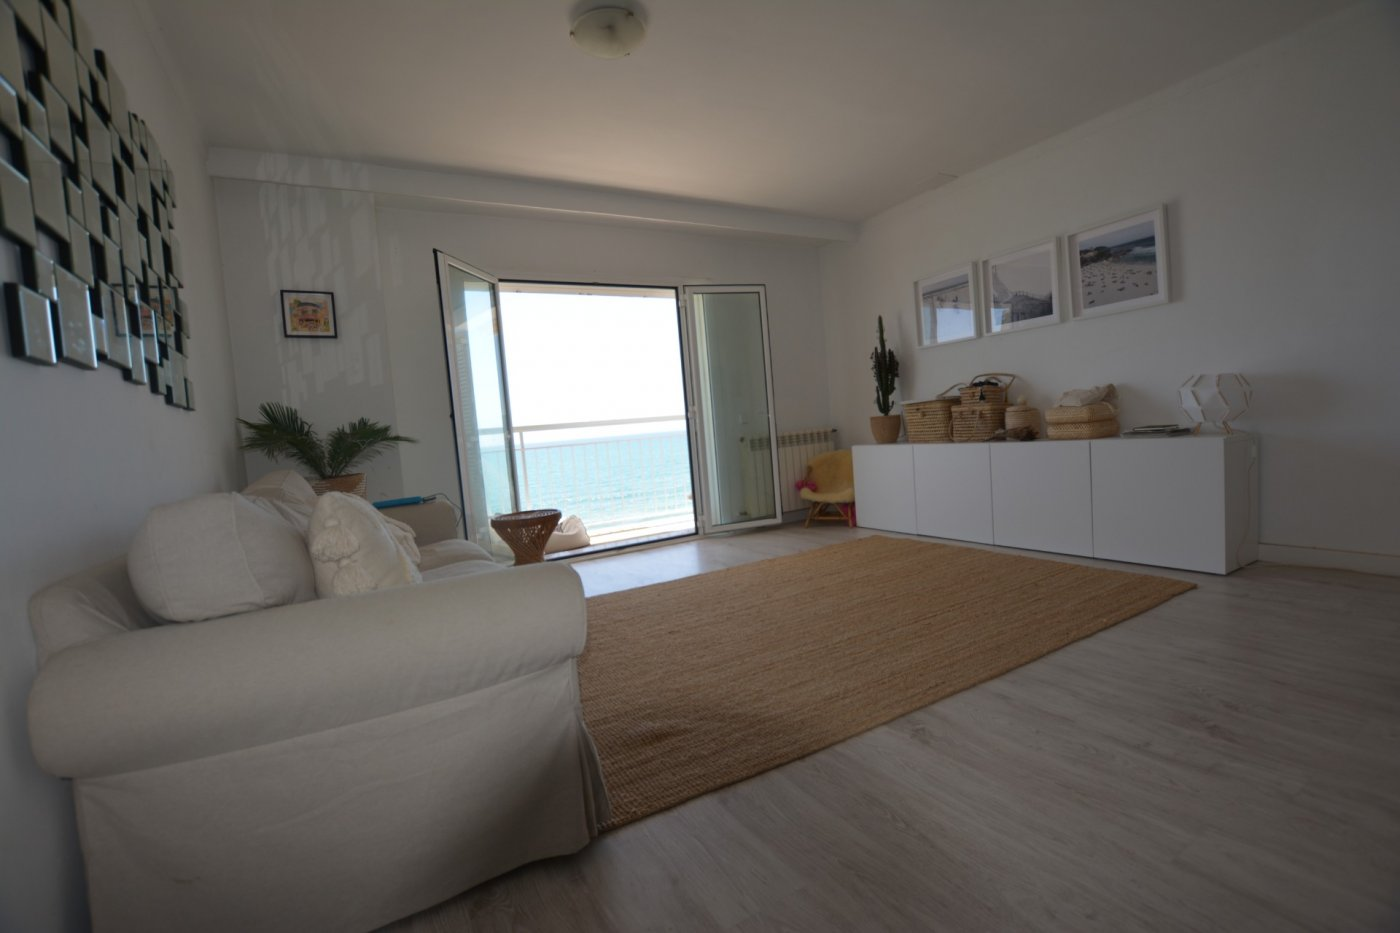 Precioso apartamento primera linea molinar - imagenInmueble35